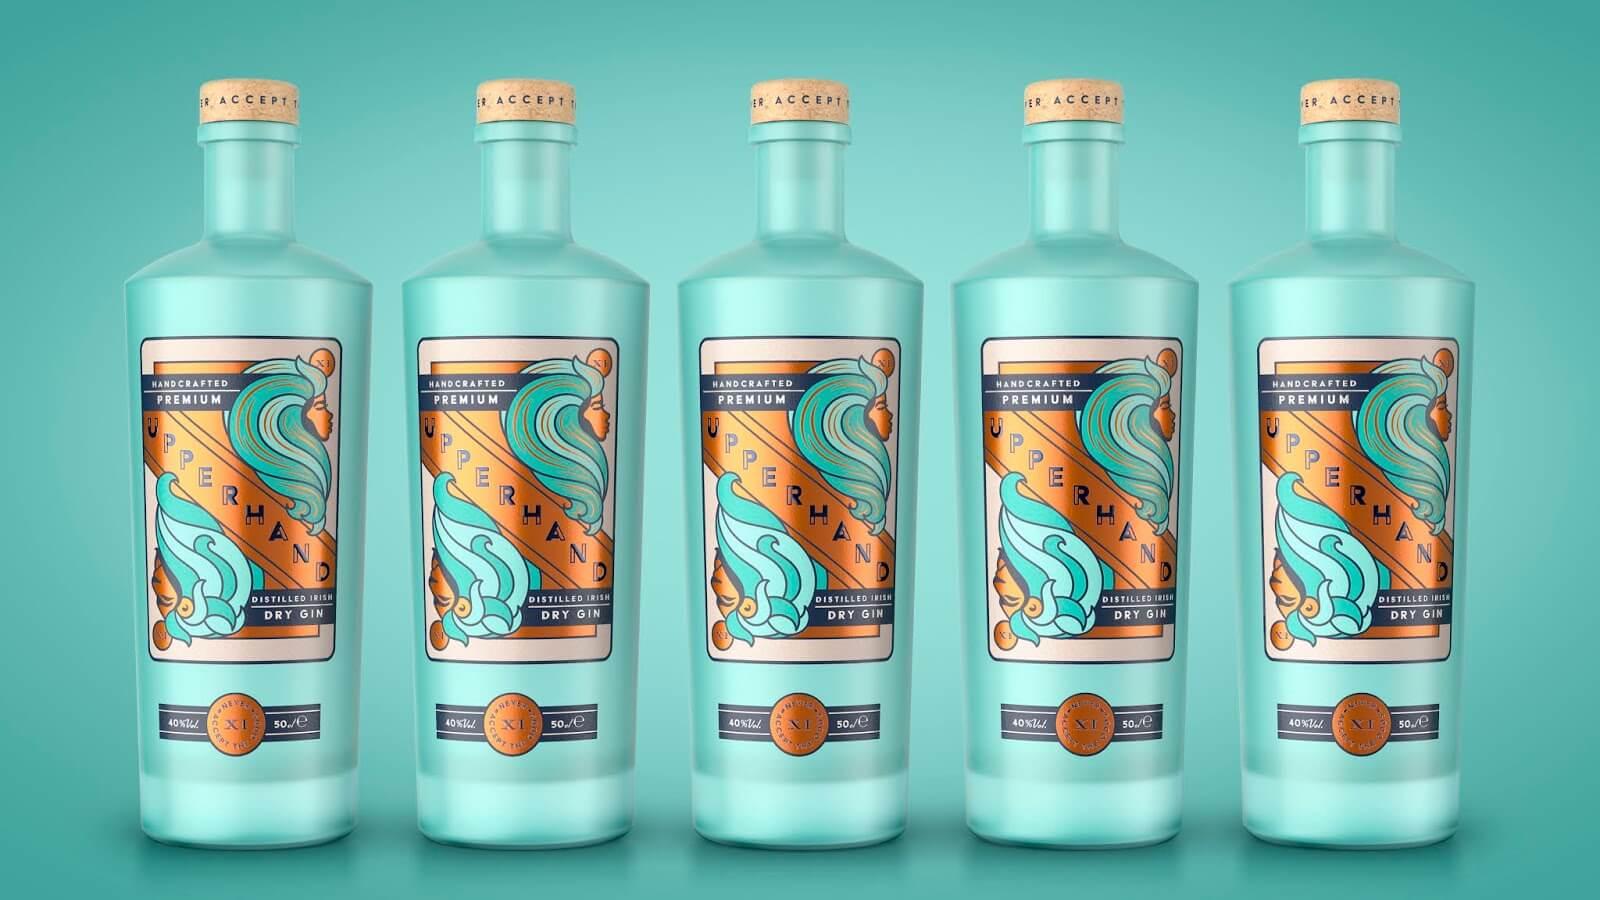 upperhand 01 - Ach, tie obaly - Upperhand Gin